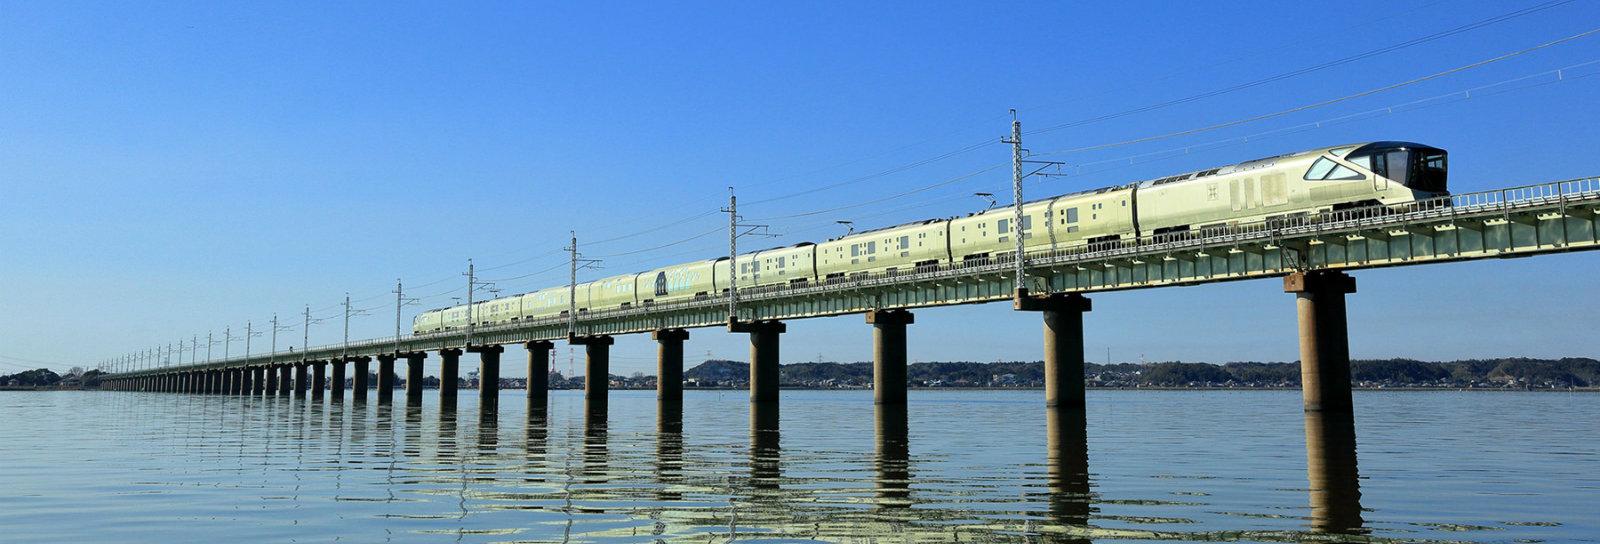 Trem japonês ganha o posto de transporte público mais luxuoso do mundo